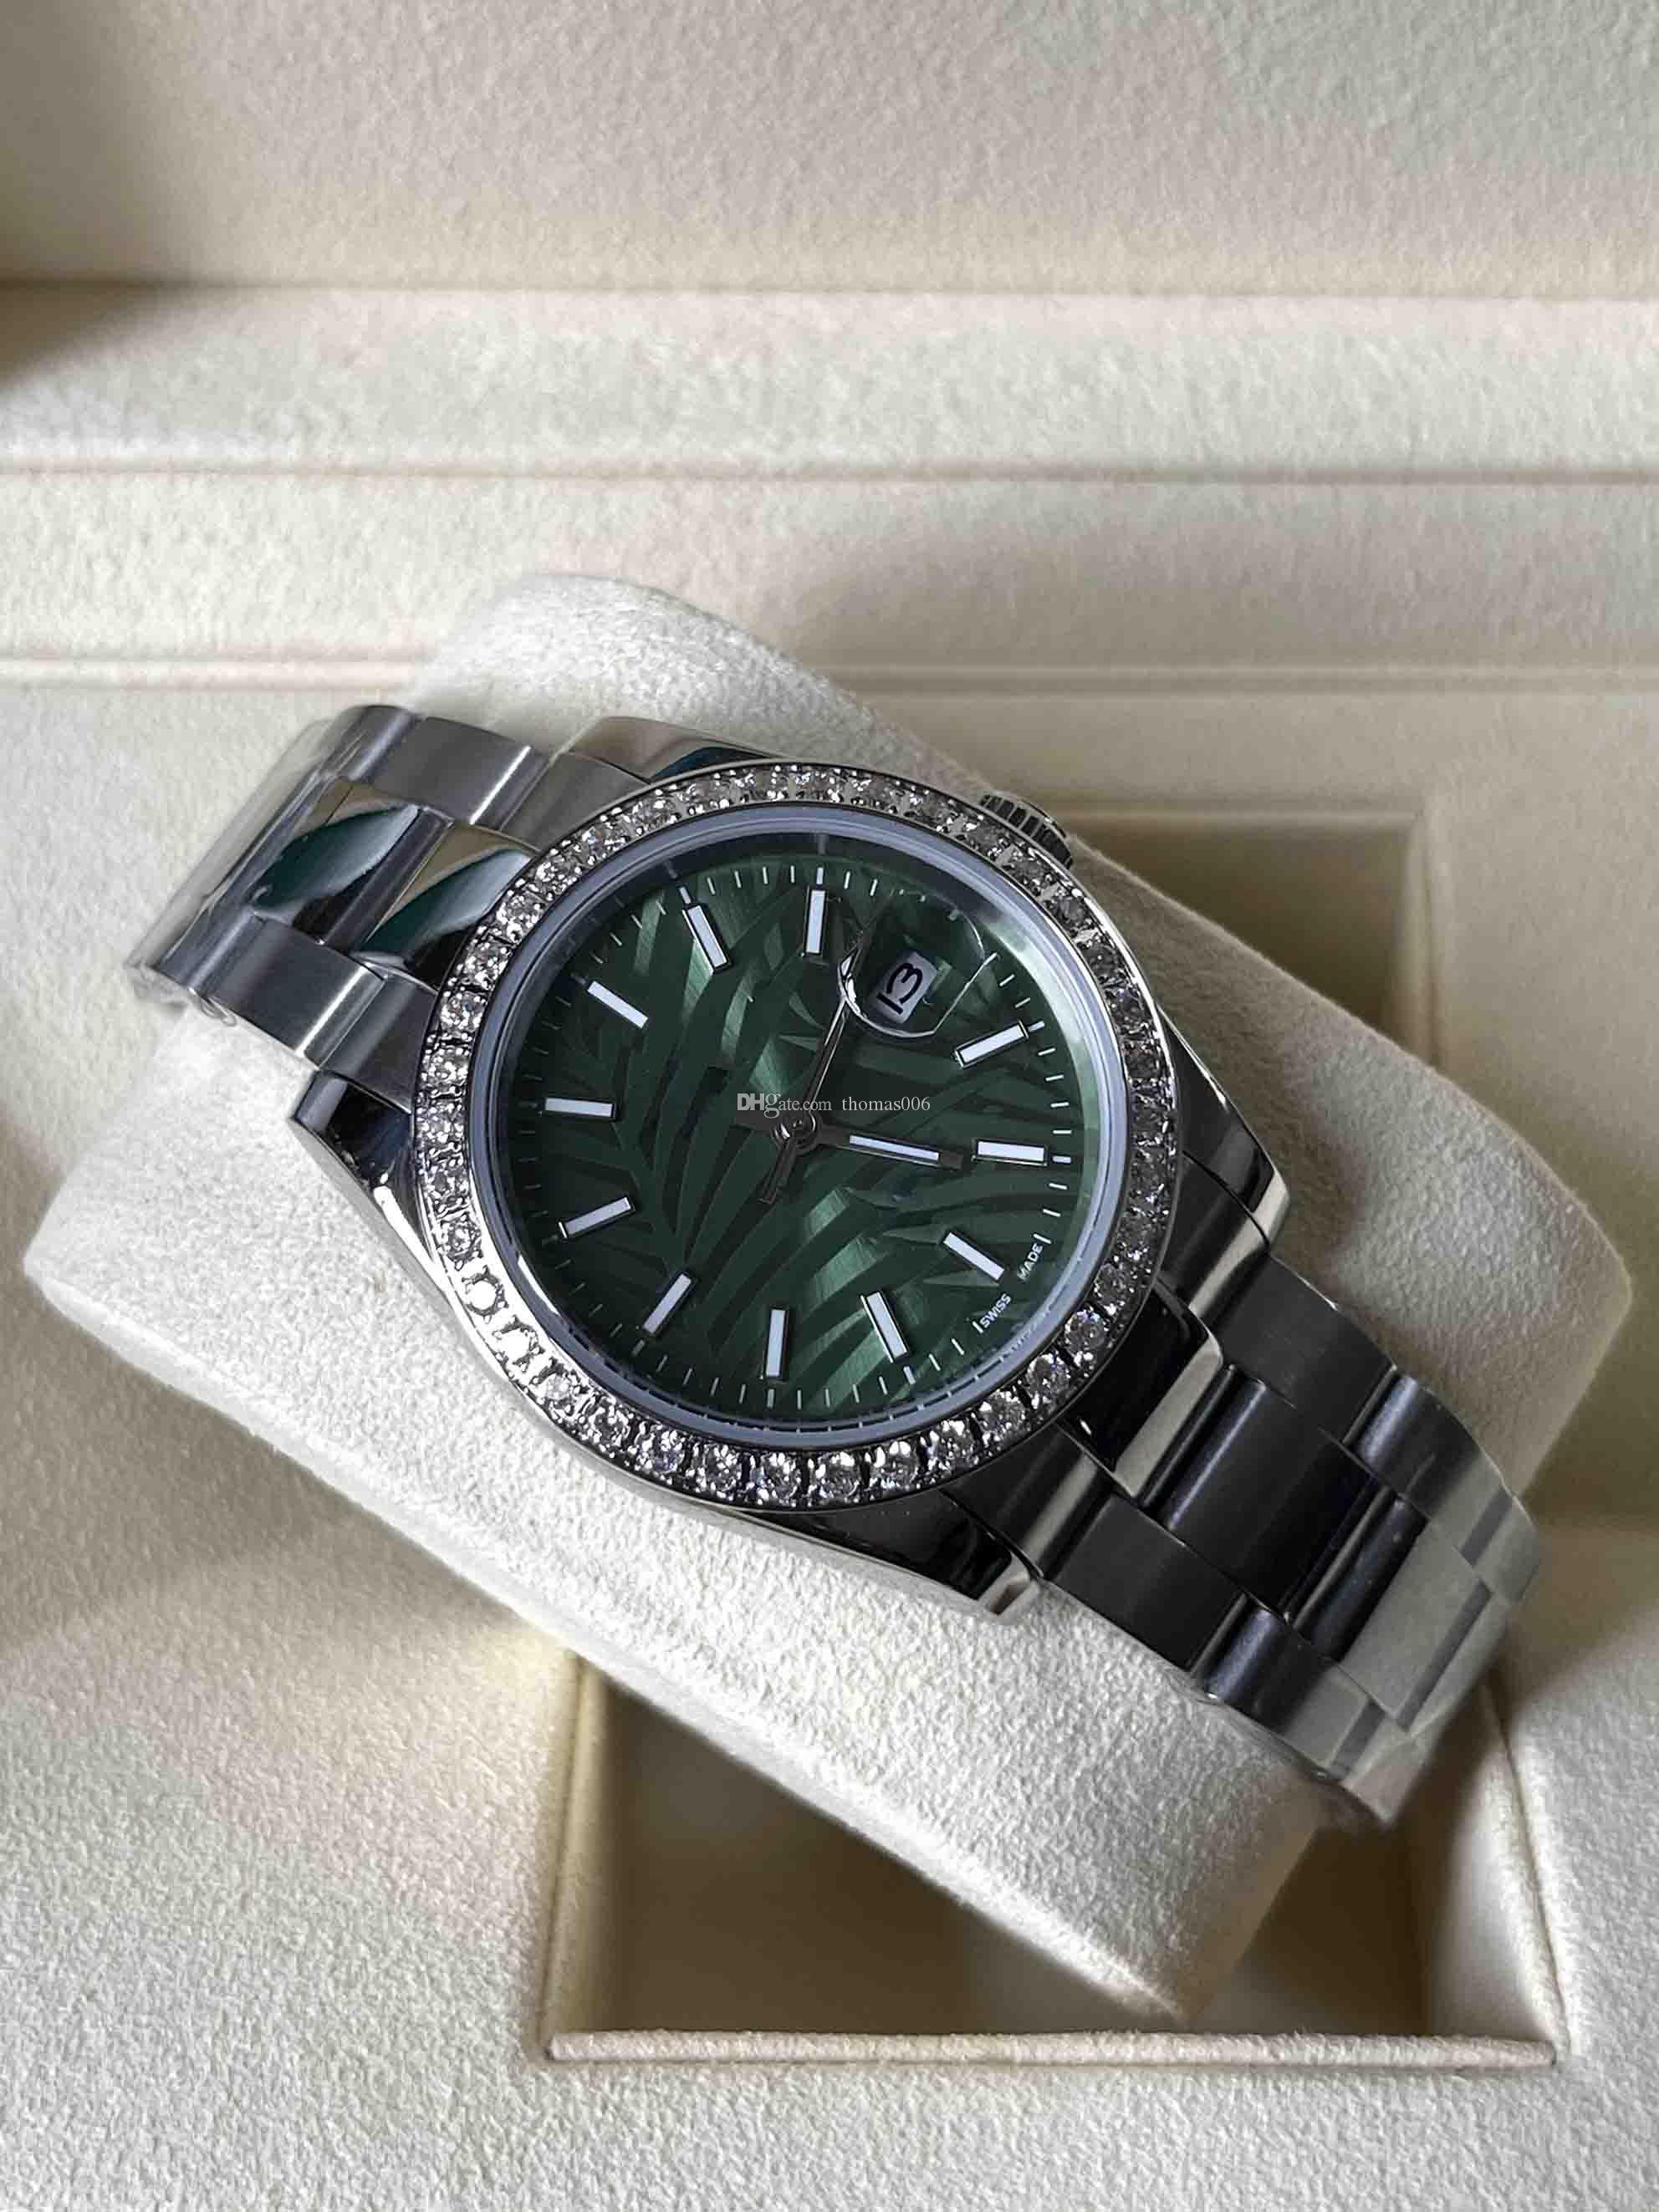 2021 Datejust Olive Green Relógios Automáticos Dial Diamante 126200 Homens e Mulheres Azul Hole Padrão 126234 Mecânica 36mm Presente